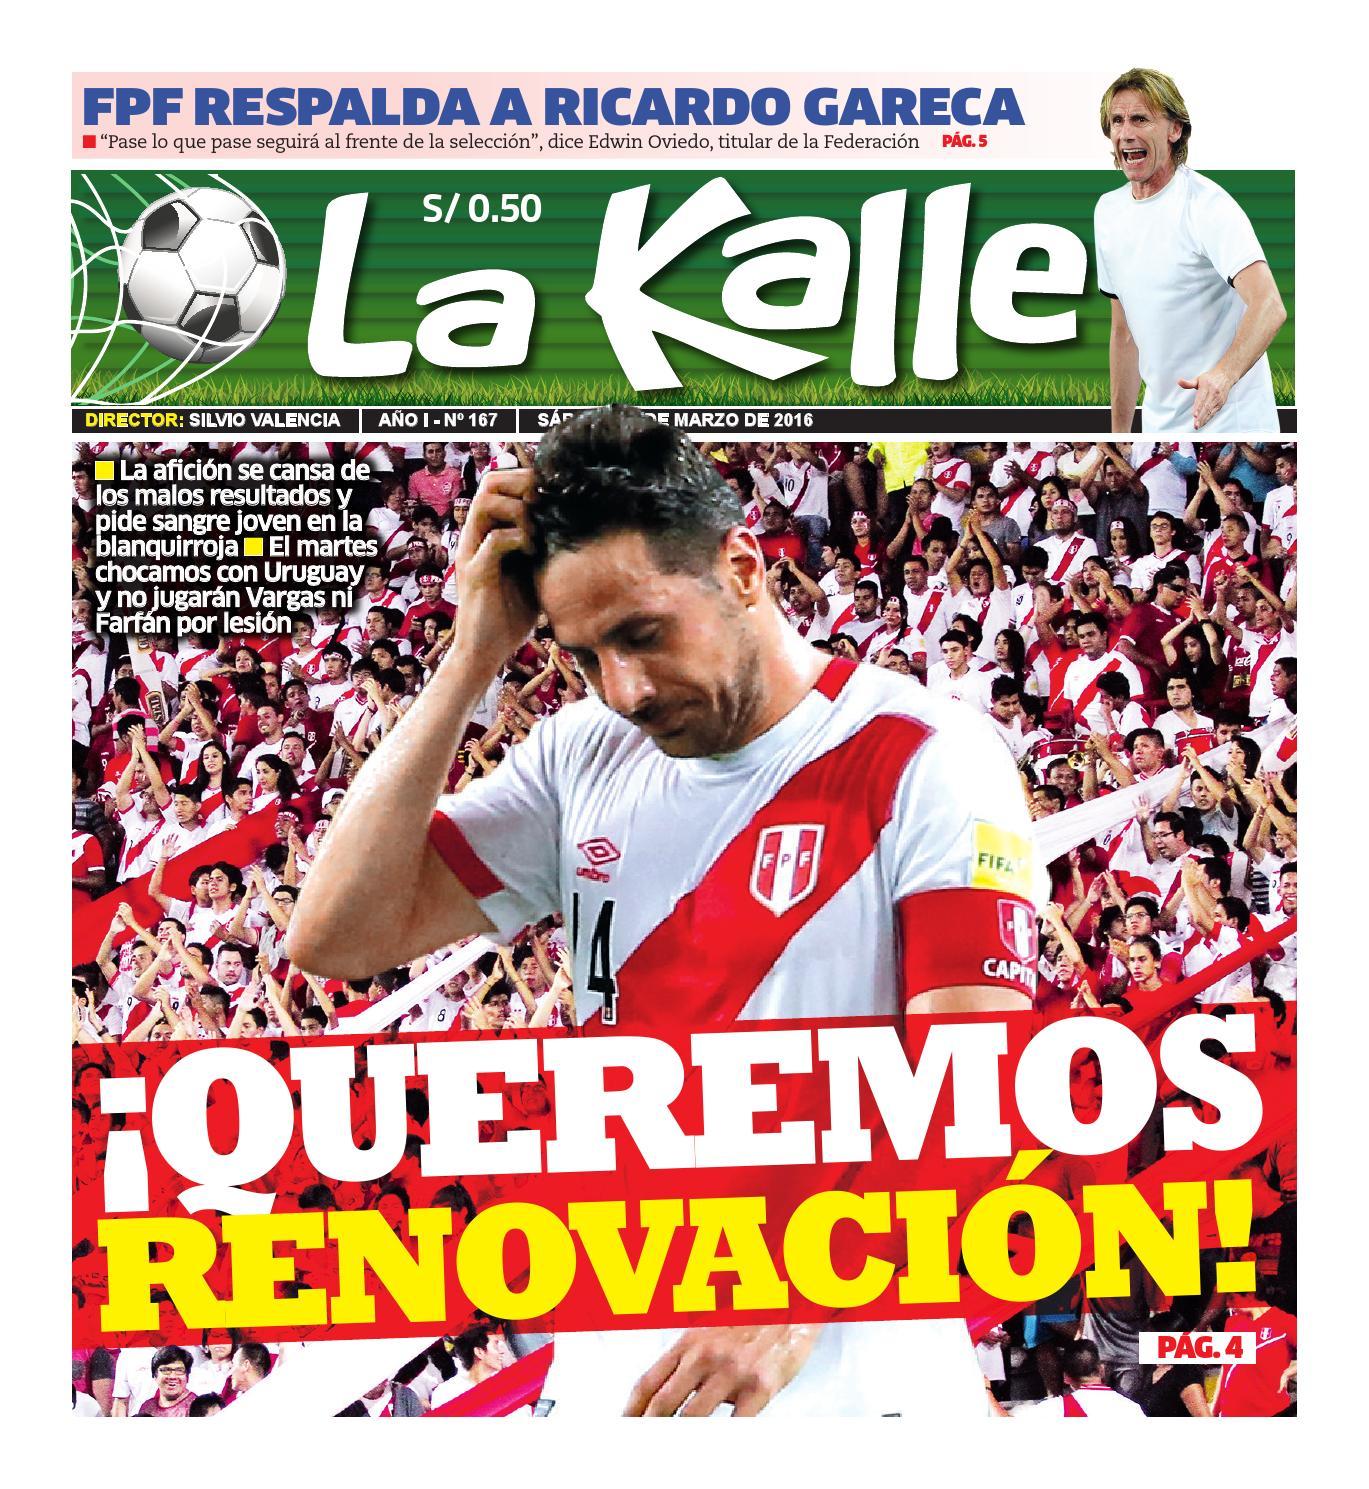 Diario La Kalle by Corporación Universal - Ediciones digitales - issuu 857b5e166d5a9